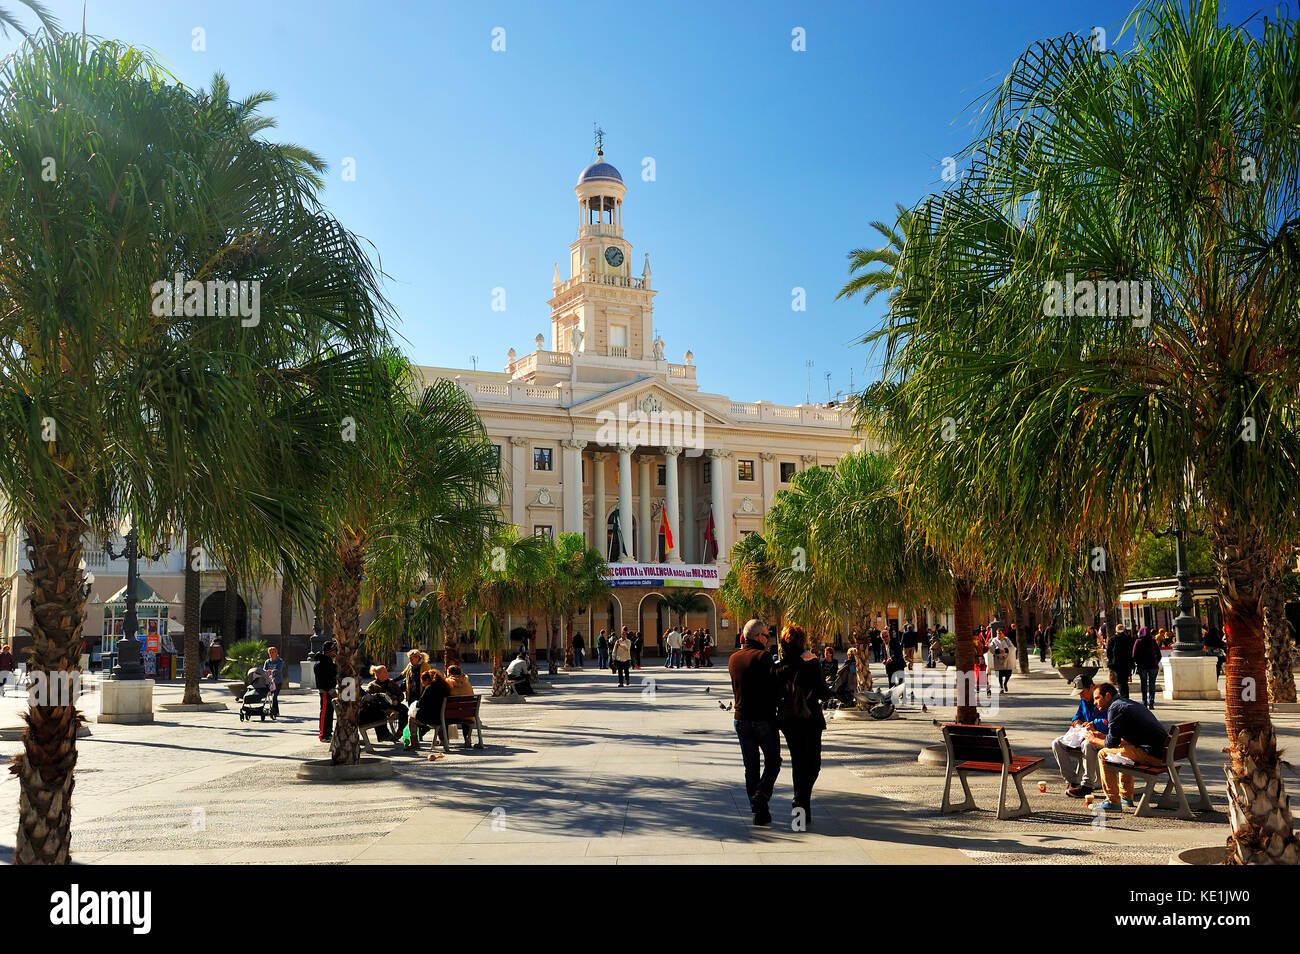 Plaza de San Juan de Dios avec mairie, Cadix, Andalousie, espagne Banque D'Images